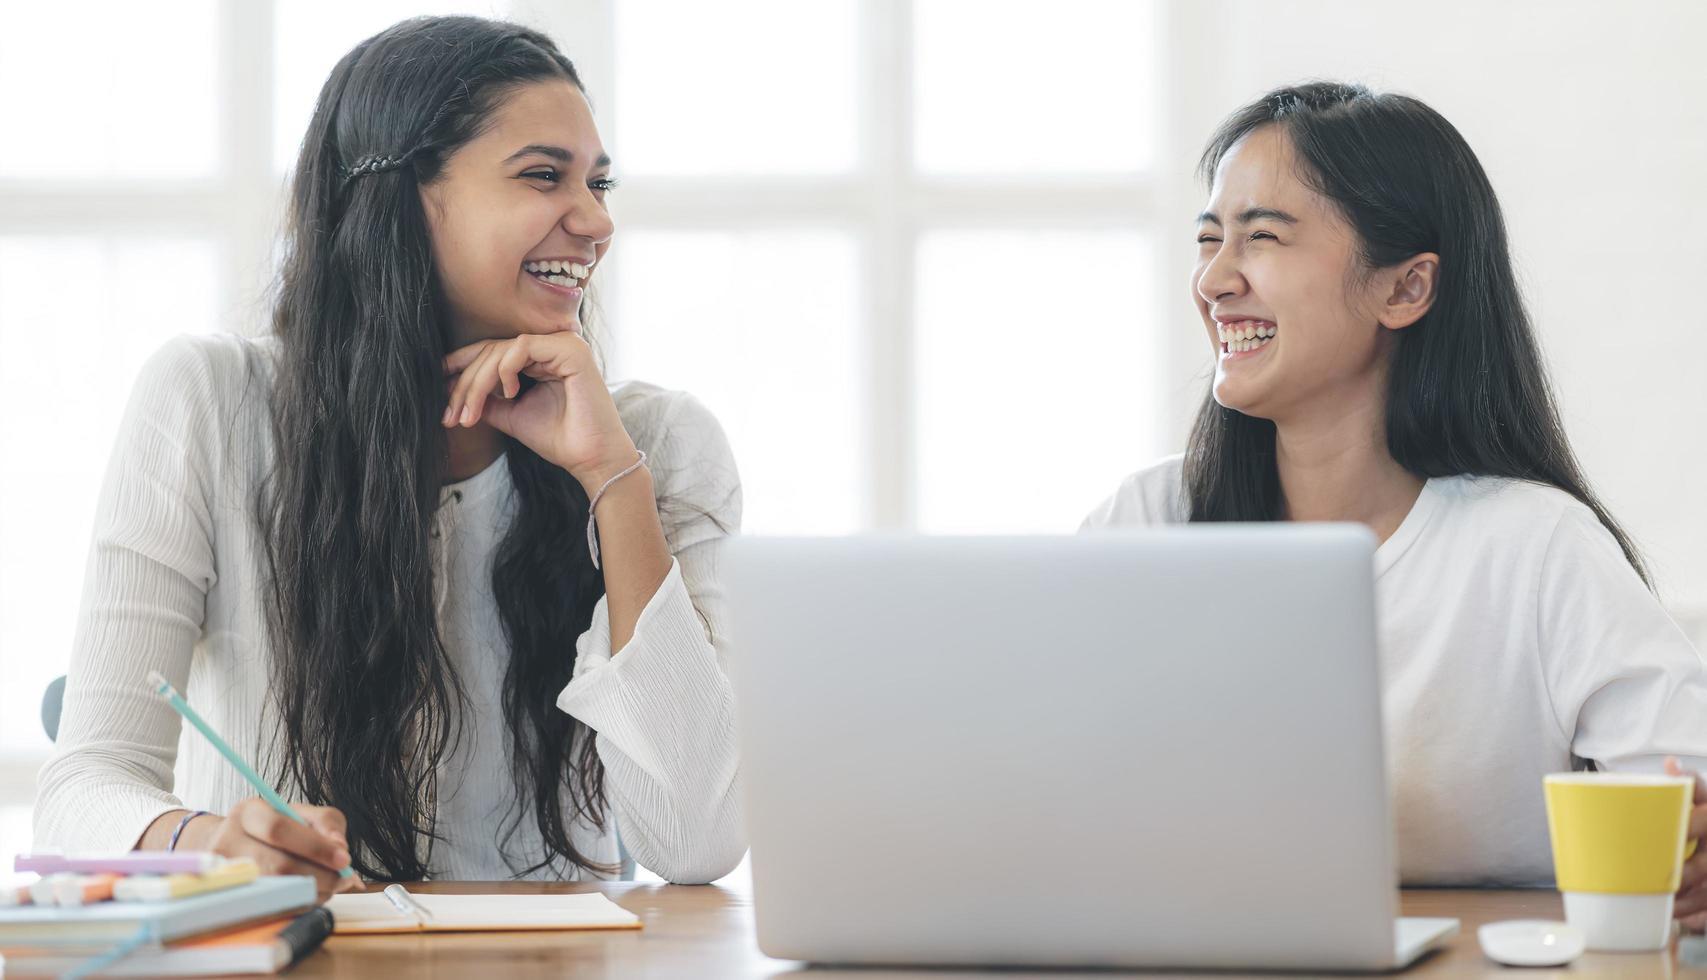 dos mujeres jóvenes socializando en casa foto